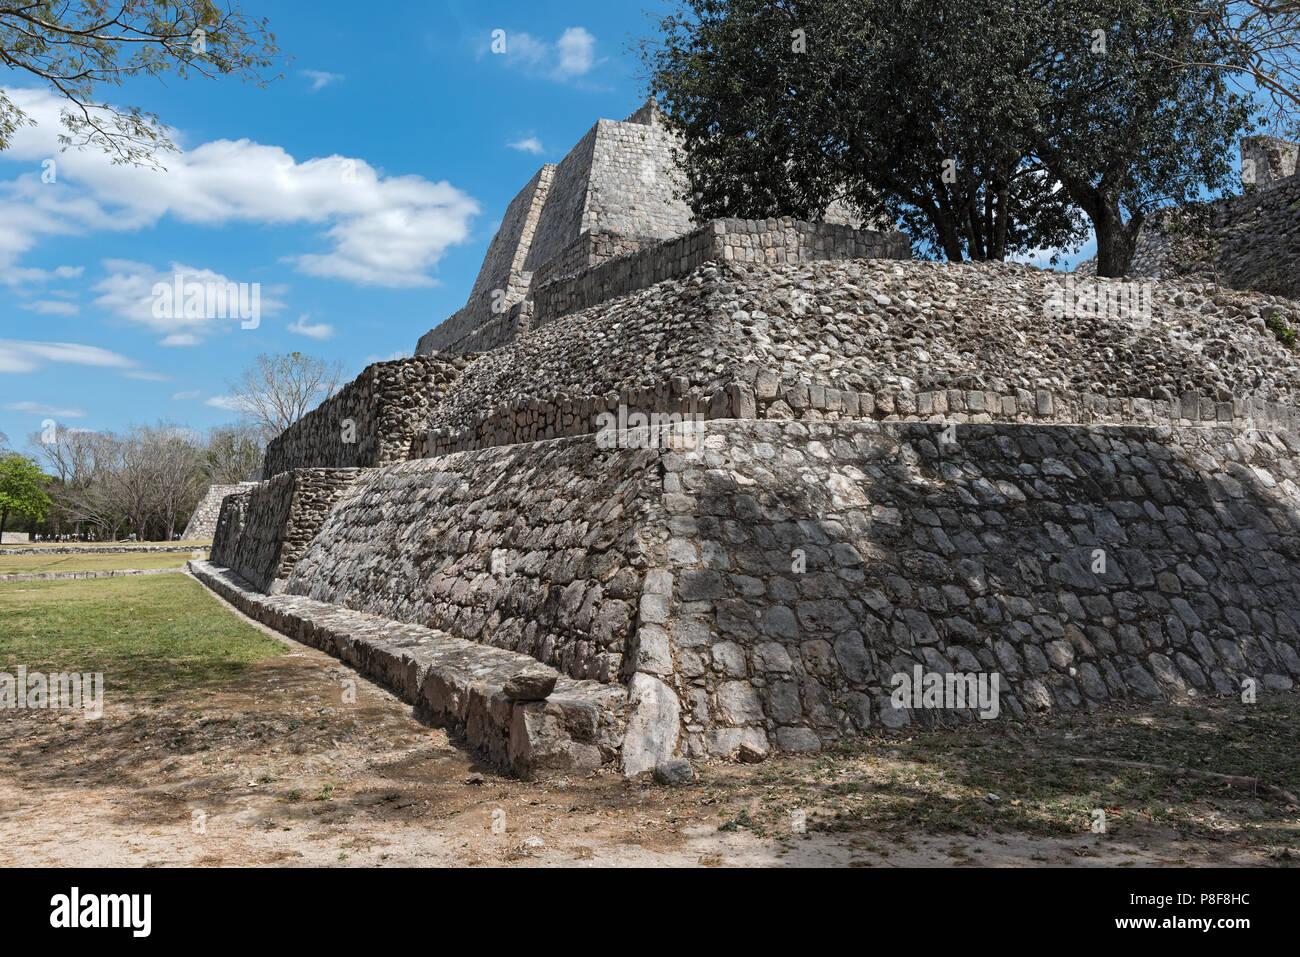 Ruinas de la antigua ciudad maya de Edzná, cerca de Campeche, México. Imagen De Stock